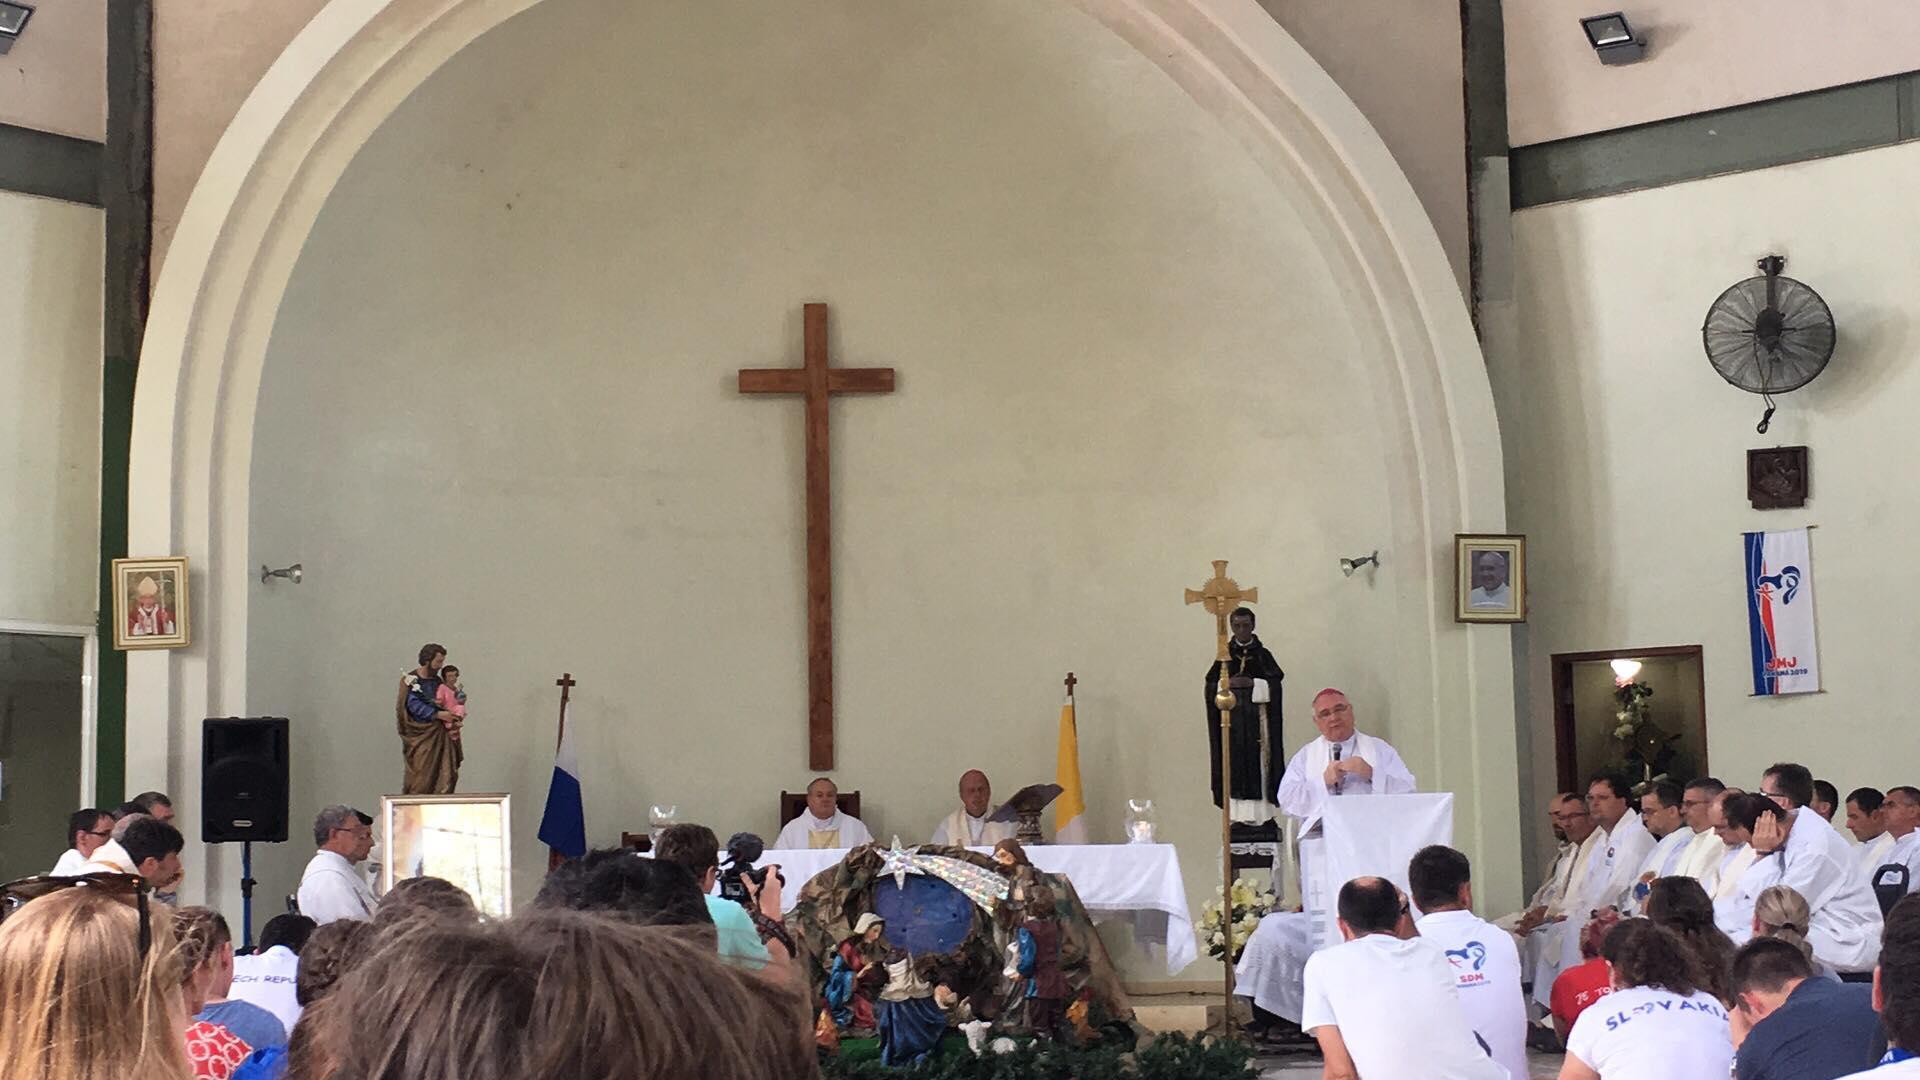 Počas sv. omše sa prihovoril aj žilinský diecézny biskup Tomáš Galis